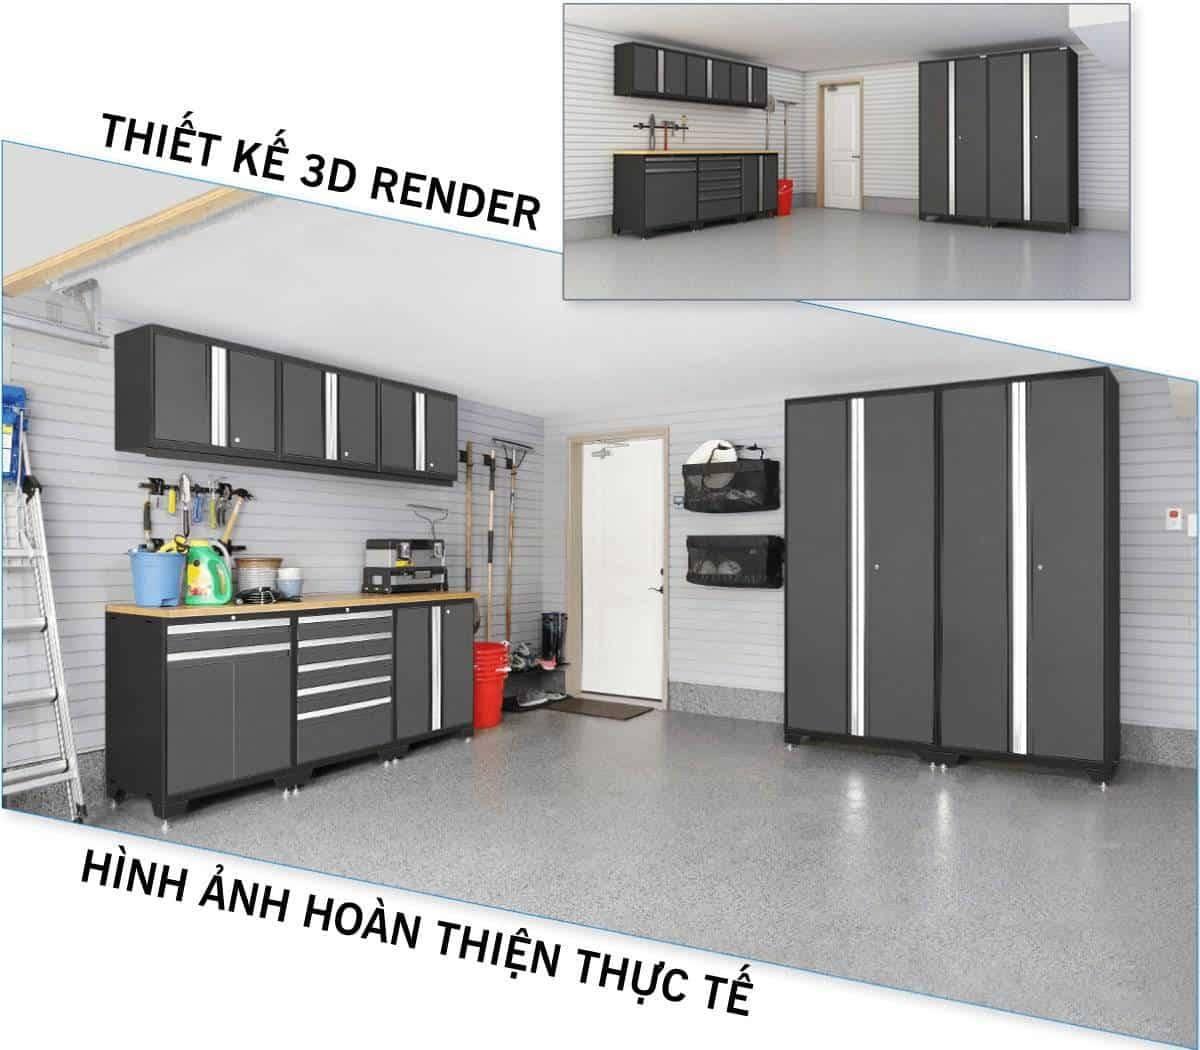 Thiết kế thi công nhà xưởng, garage hiện đại CSPS (1)